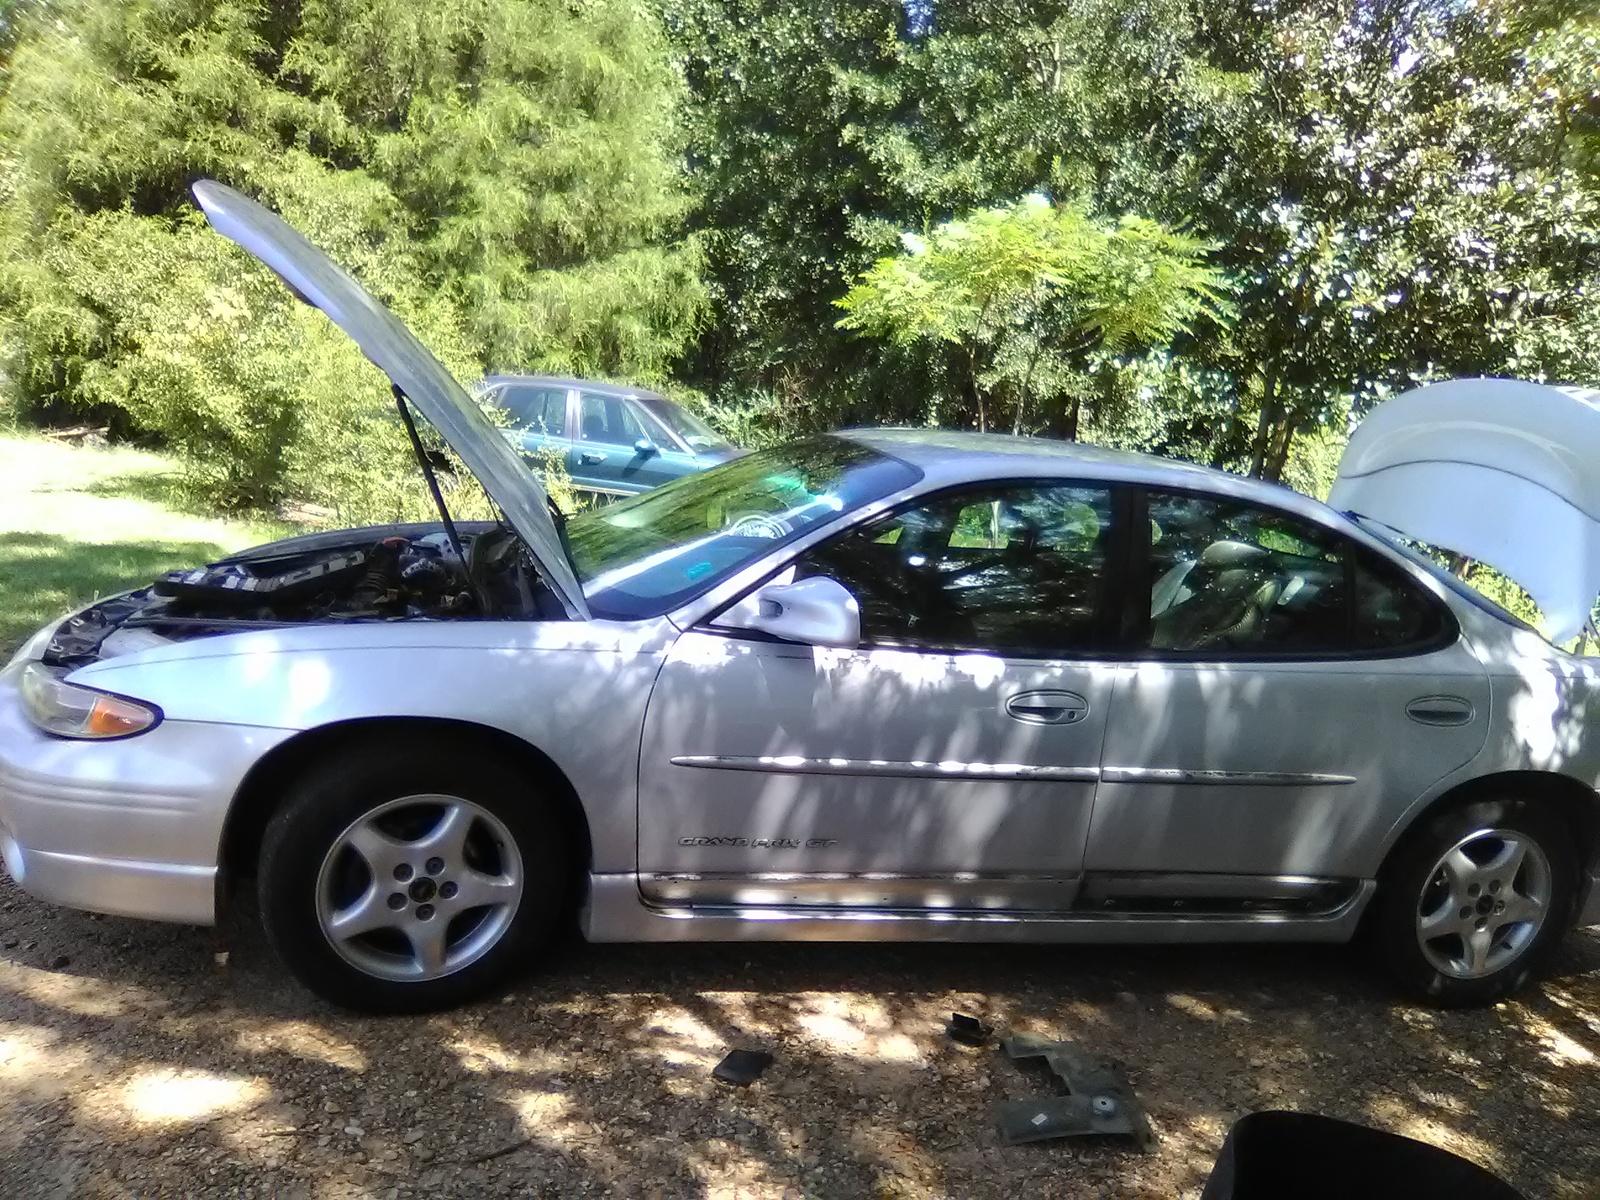 Pontiac grand prix questions 02 pontiac grand prix cargurus 02 pontiac grand prix publicscrutiny Image collections